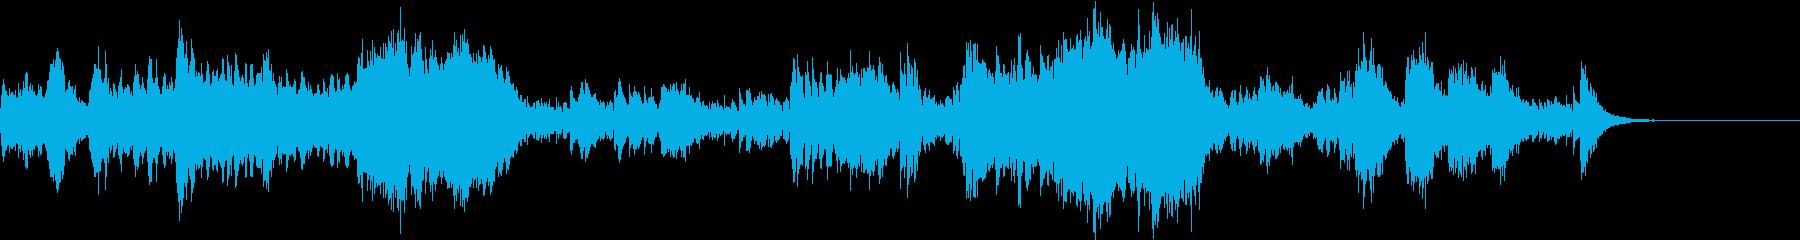 緊迫感  疾走感!ユニークオーケストラの再生済みの波形